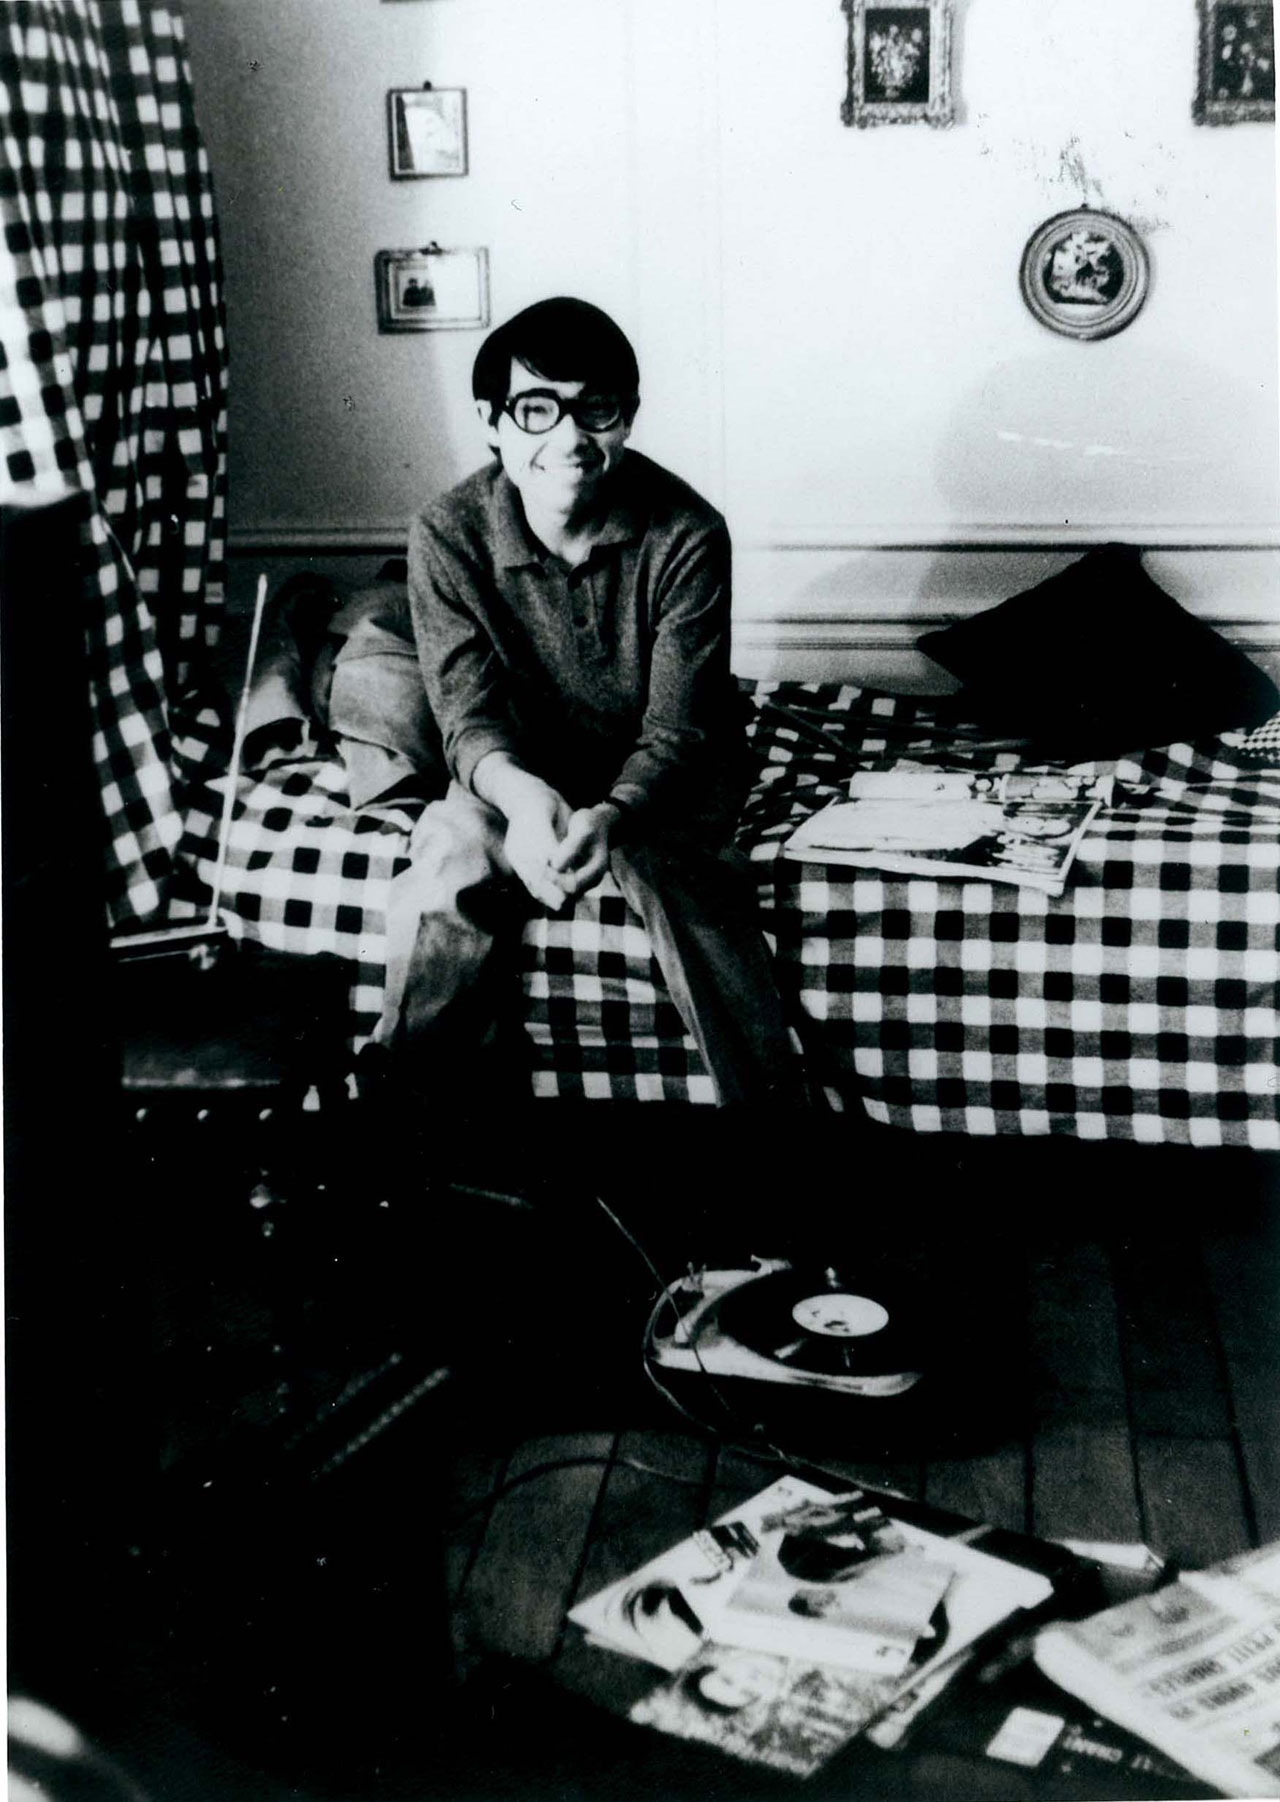 高田賢三 1960年代後半のパリの自宅にて